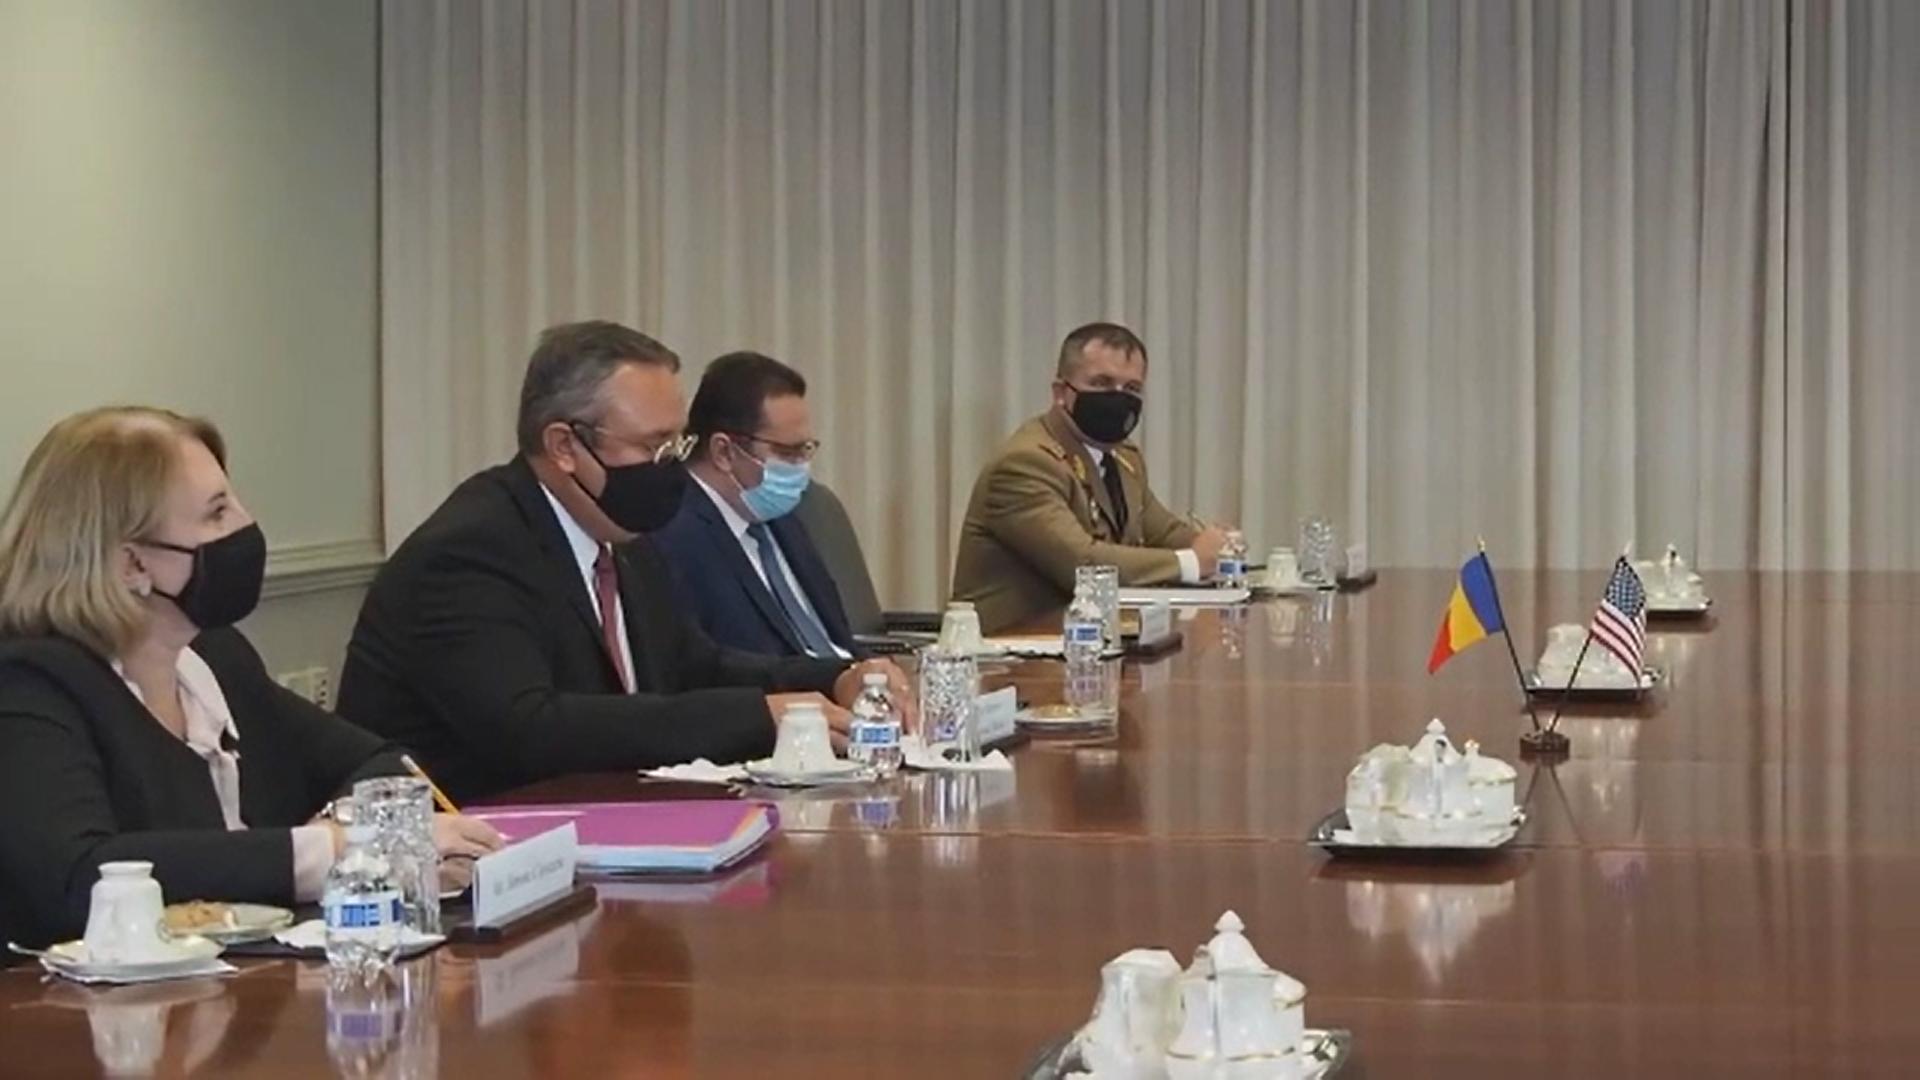 Acord între România și SUA privind securitatea Mării Negre şi întărirea securității cibernetice